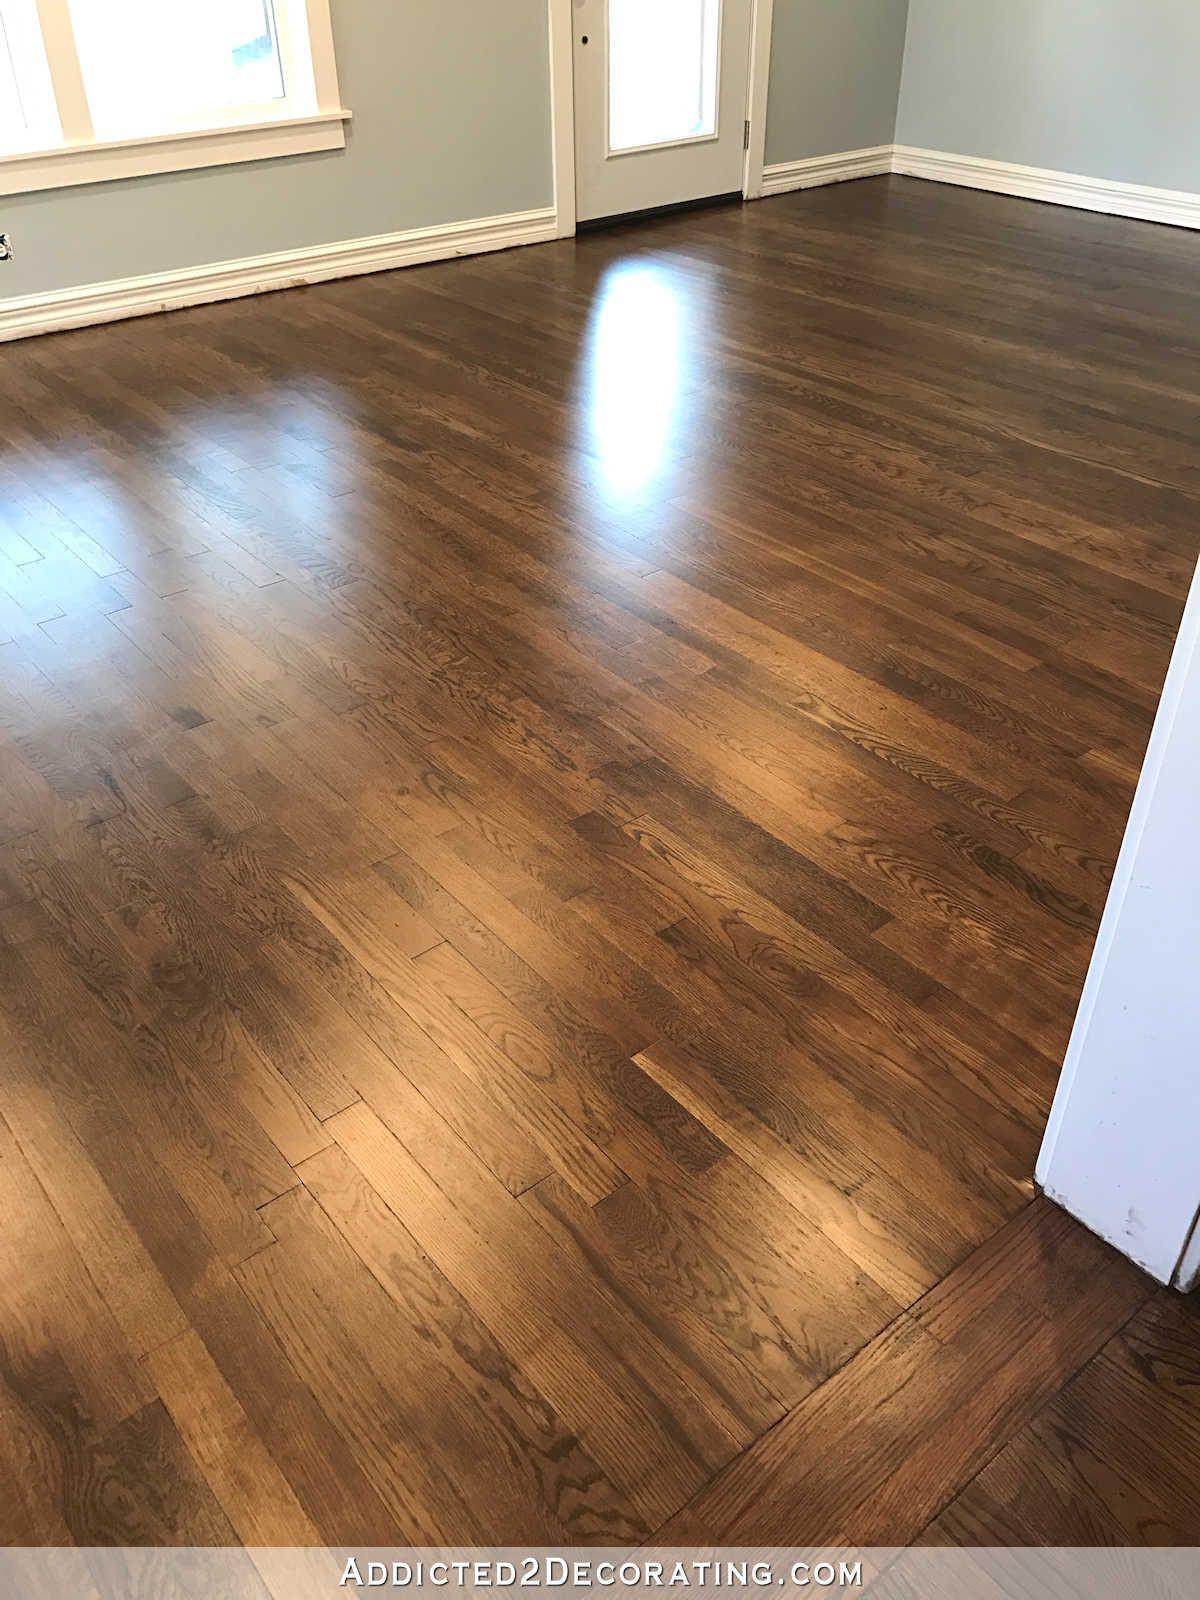 bamboo engineered hardwood flooring of engineered wood flooring cost unique hardwood flooring including pertaining to engineered wood flooring cost awesome engineered wood flooring brown maple hand scraped engineered of engineered wood